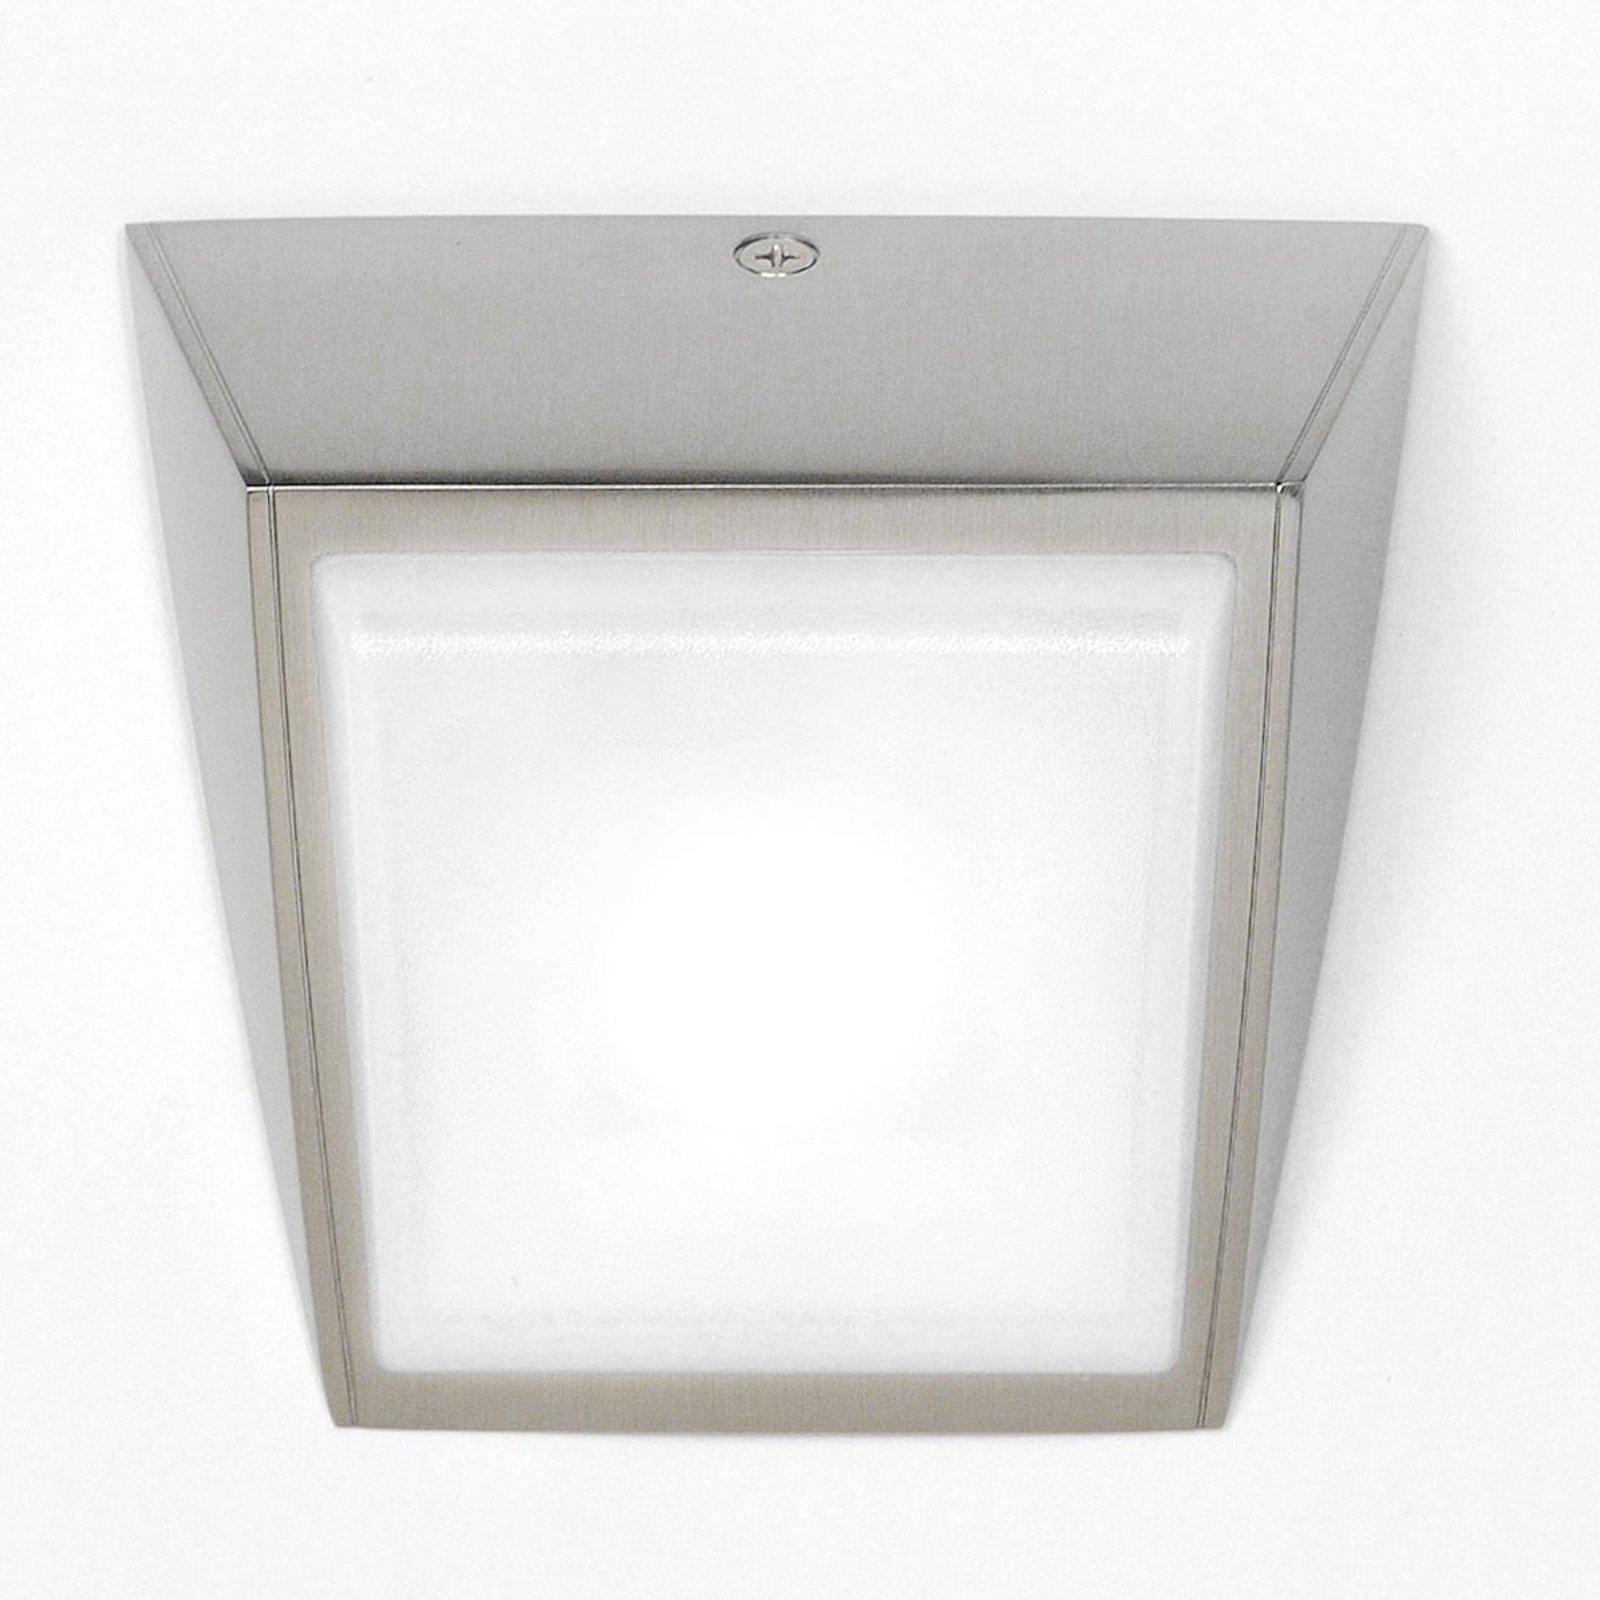 Odile - LED-vegglampe med varmhvite LEDs